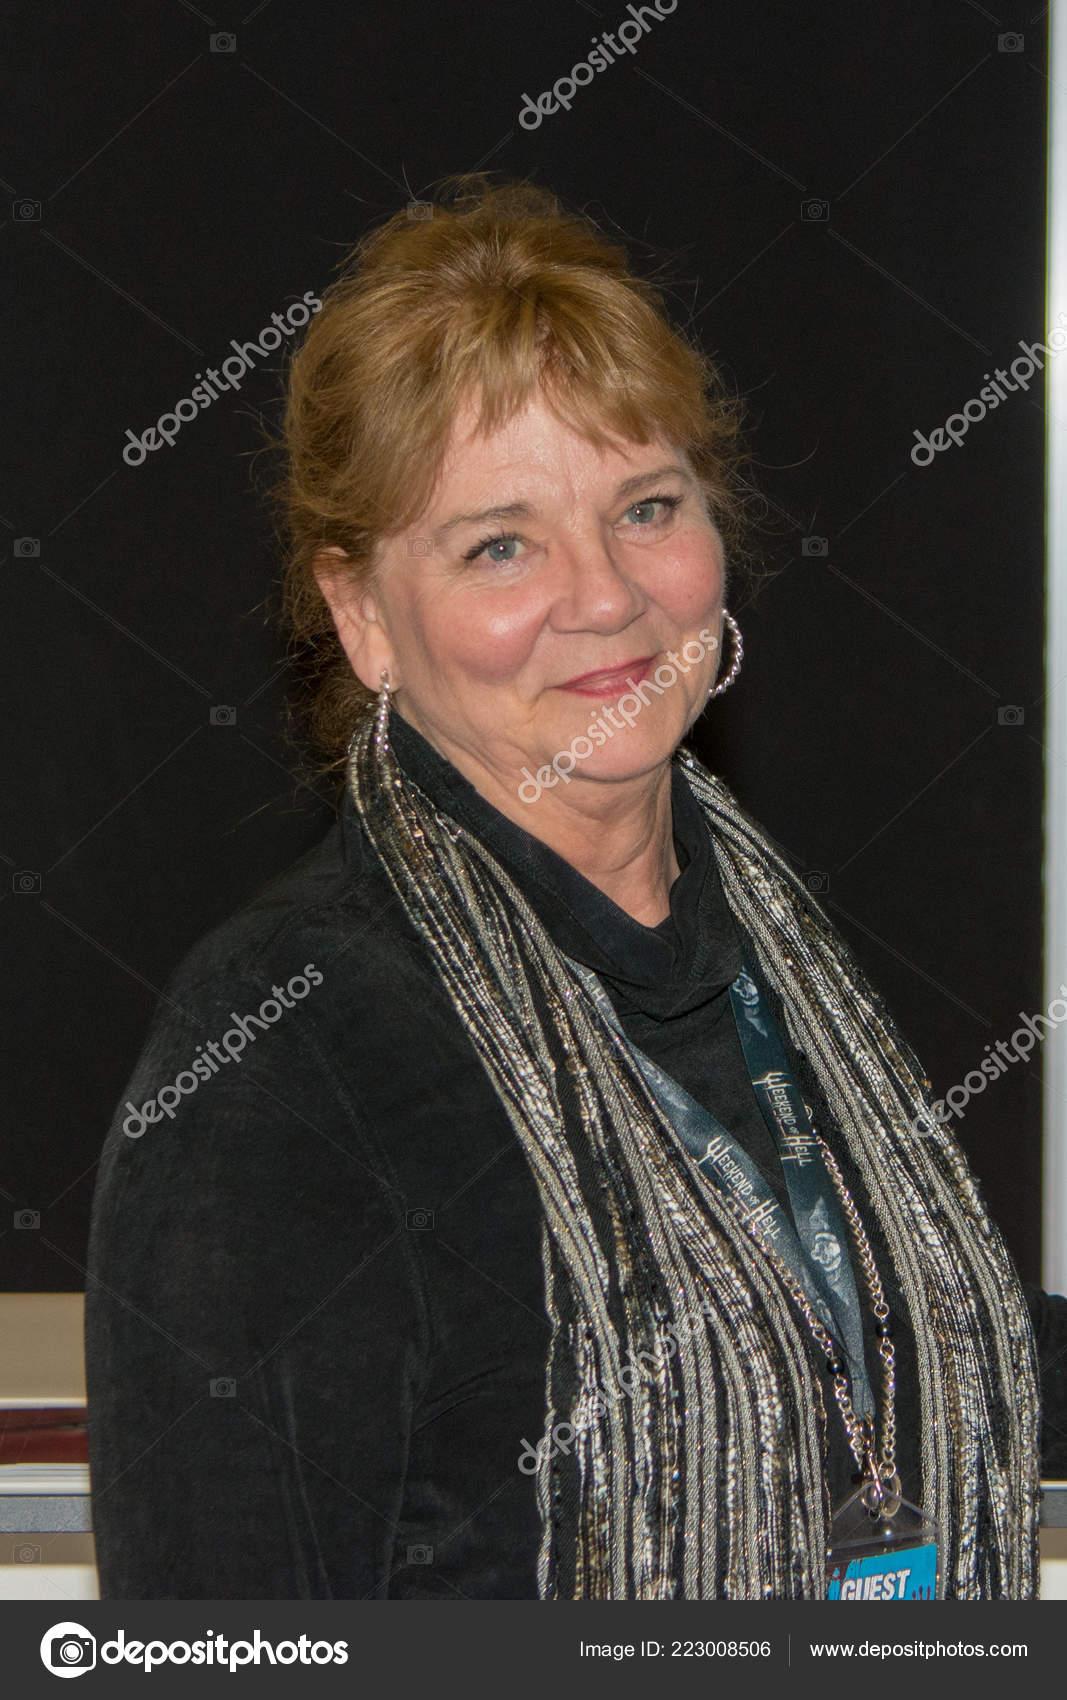 Betsy Baker